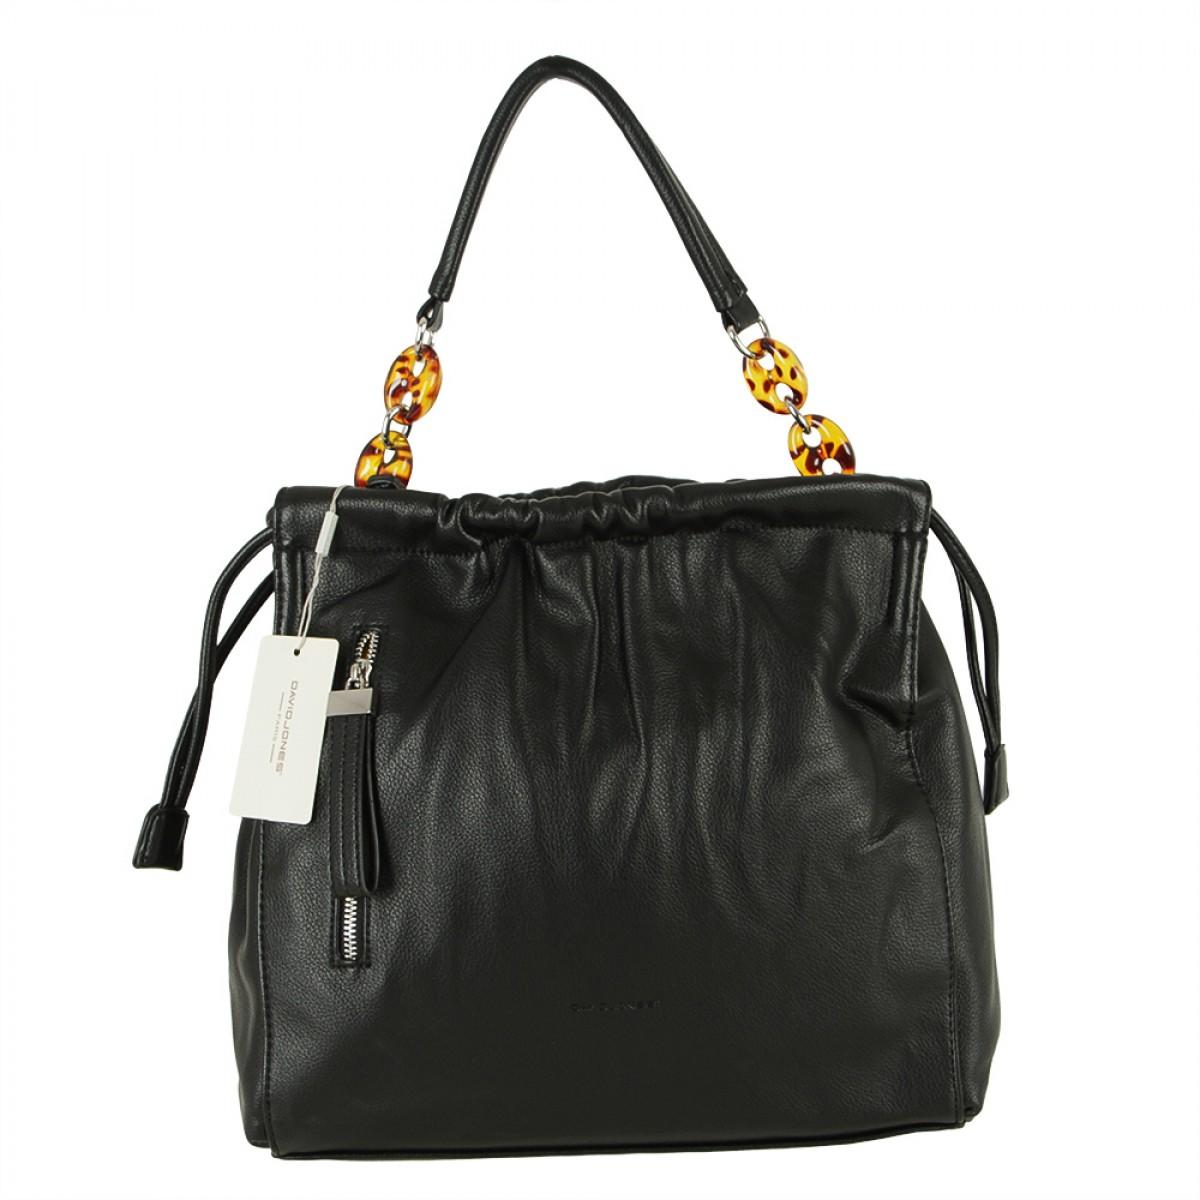 Жіноча сумка David Jones 6319-3 BLACK